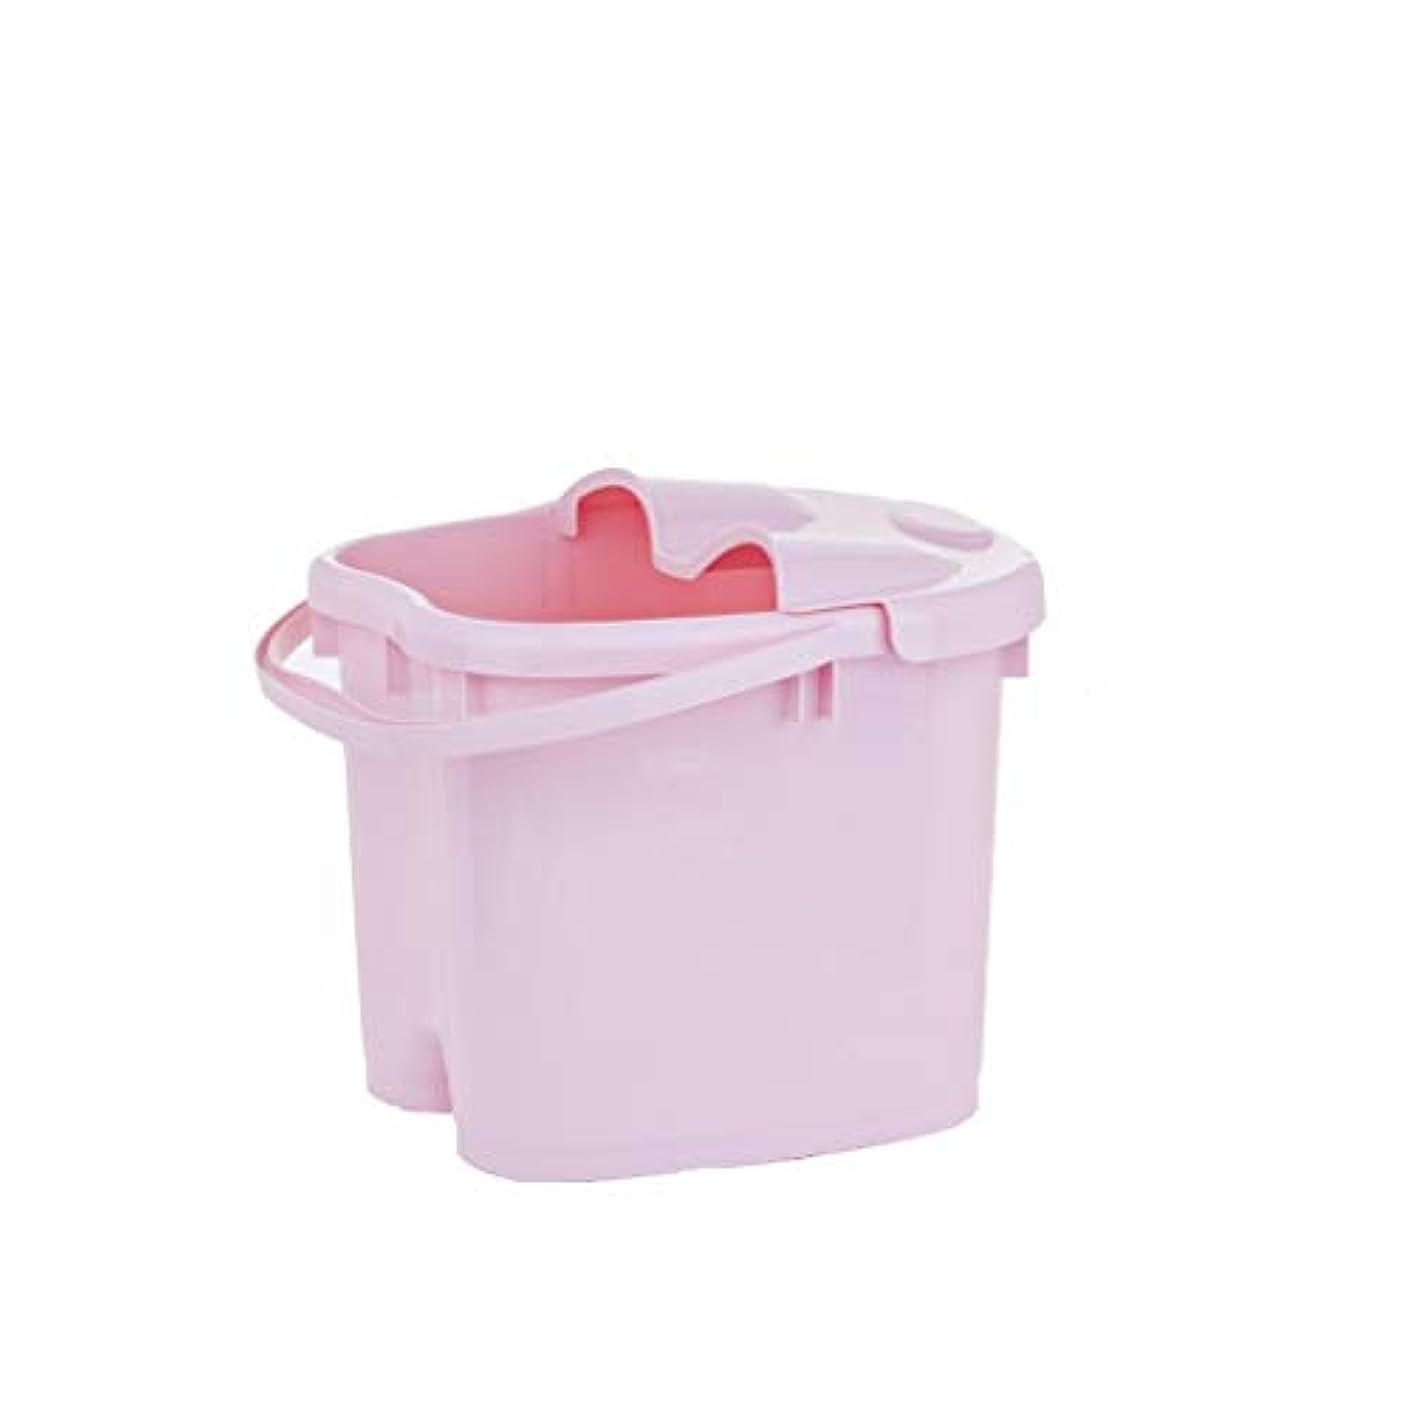 きゅうり飛び込む配分BB- ?AMT携帯用高まりのマッサージの浴槽のふたの熱保存のフィートの洗面器の世帯が付いている大人のフットバスのバケツ 0405 (色 : ピンク, サイズ さいず : 30.5cm high)